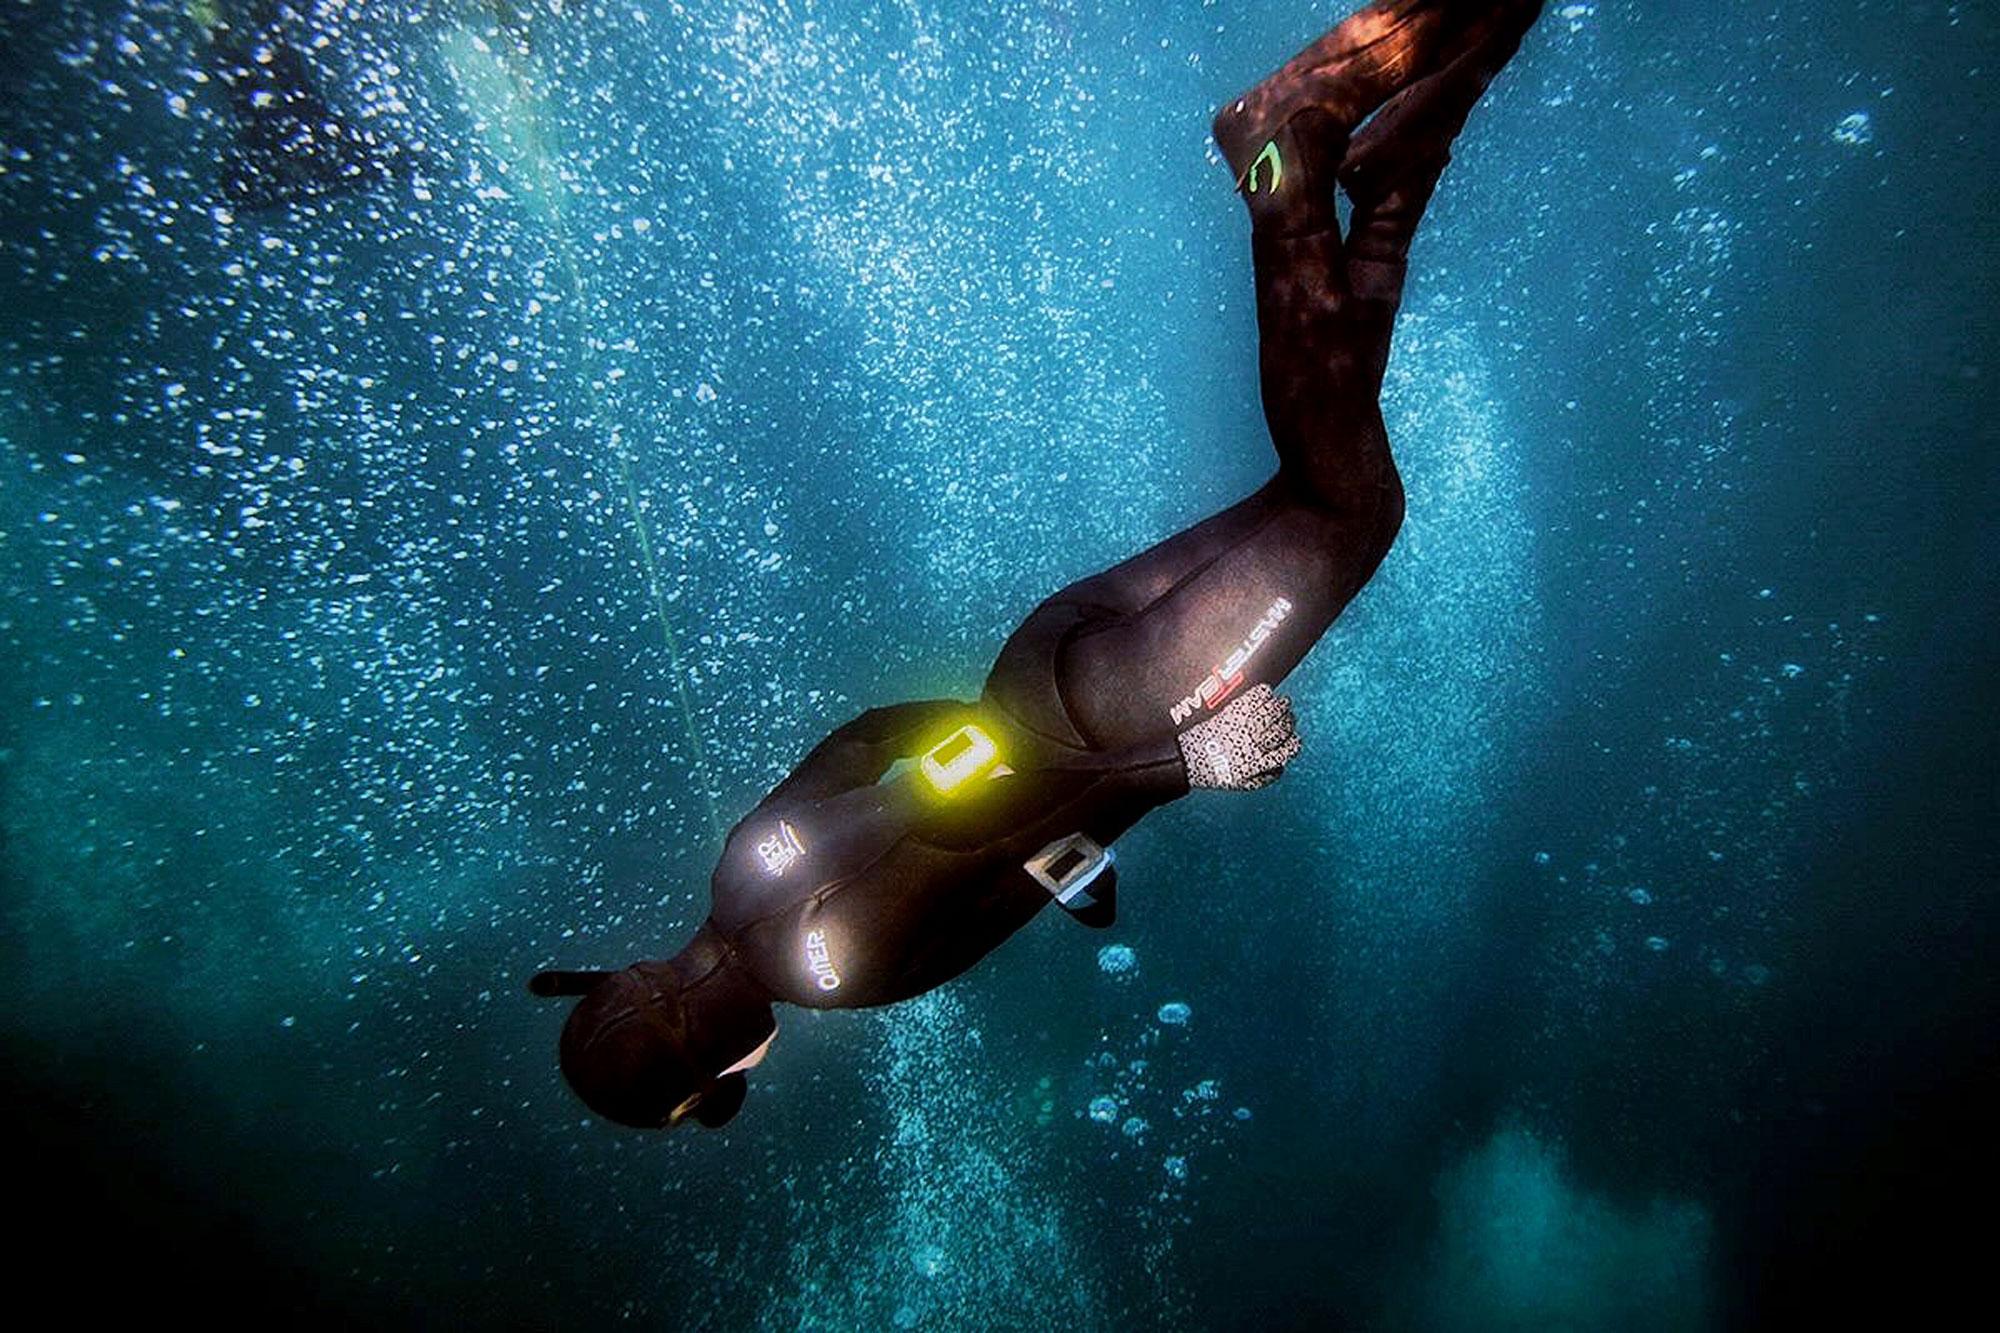 Die Autorin lässt sich im Luftblasenwirbel der Gerätetaucher in die Tiefe sinken.